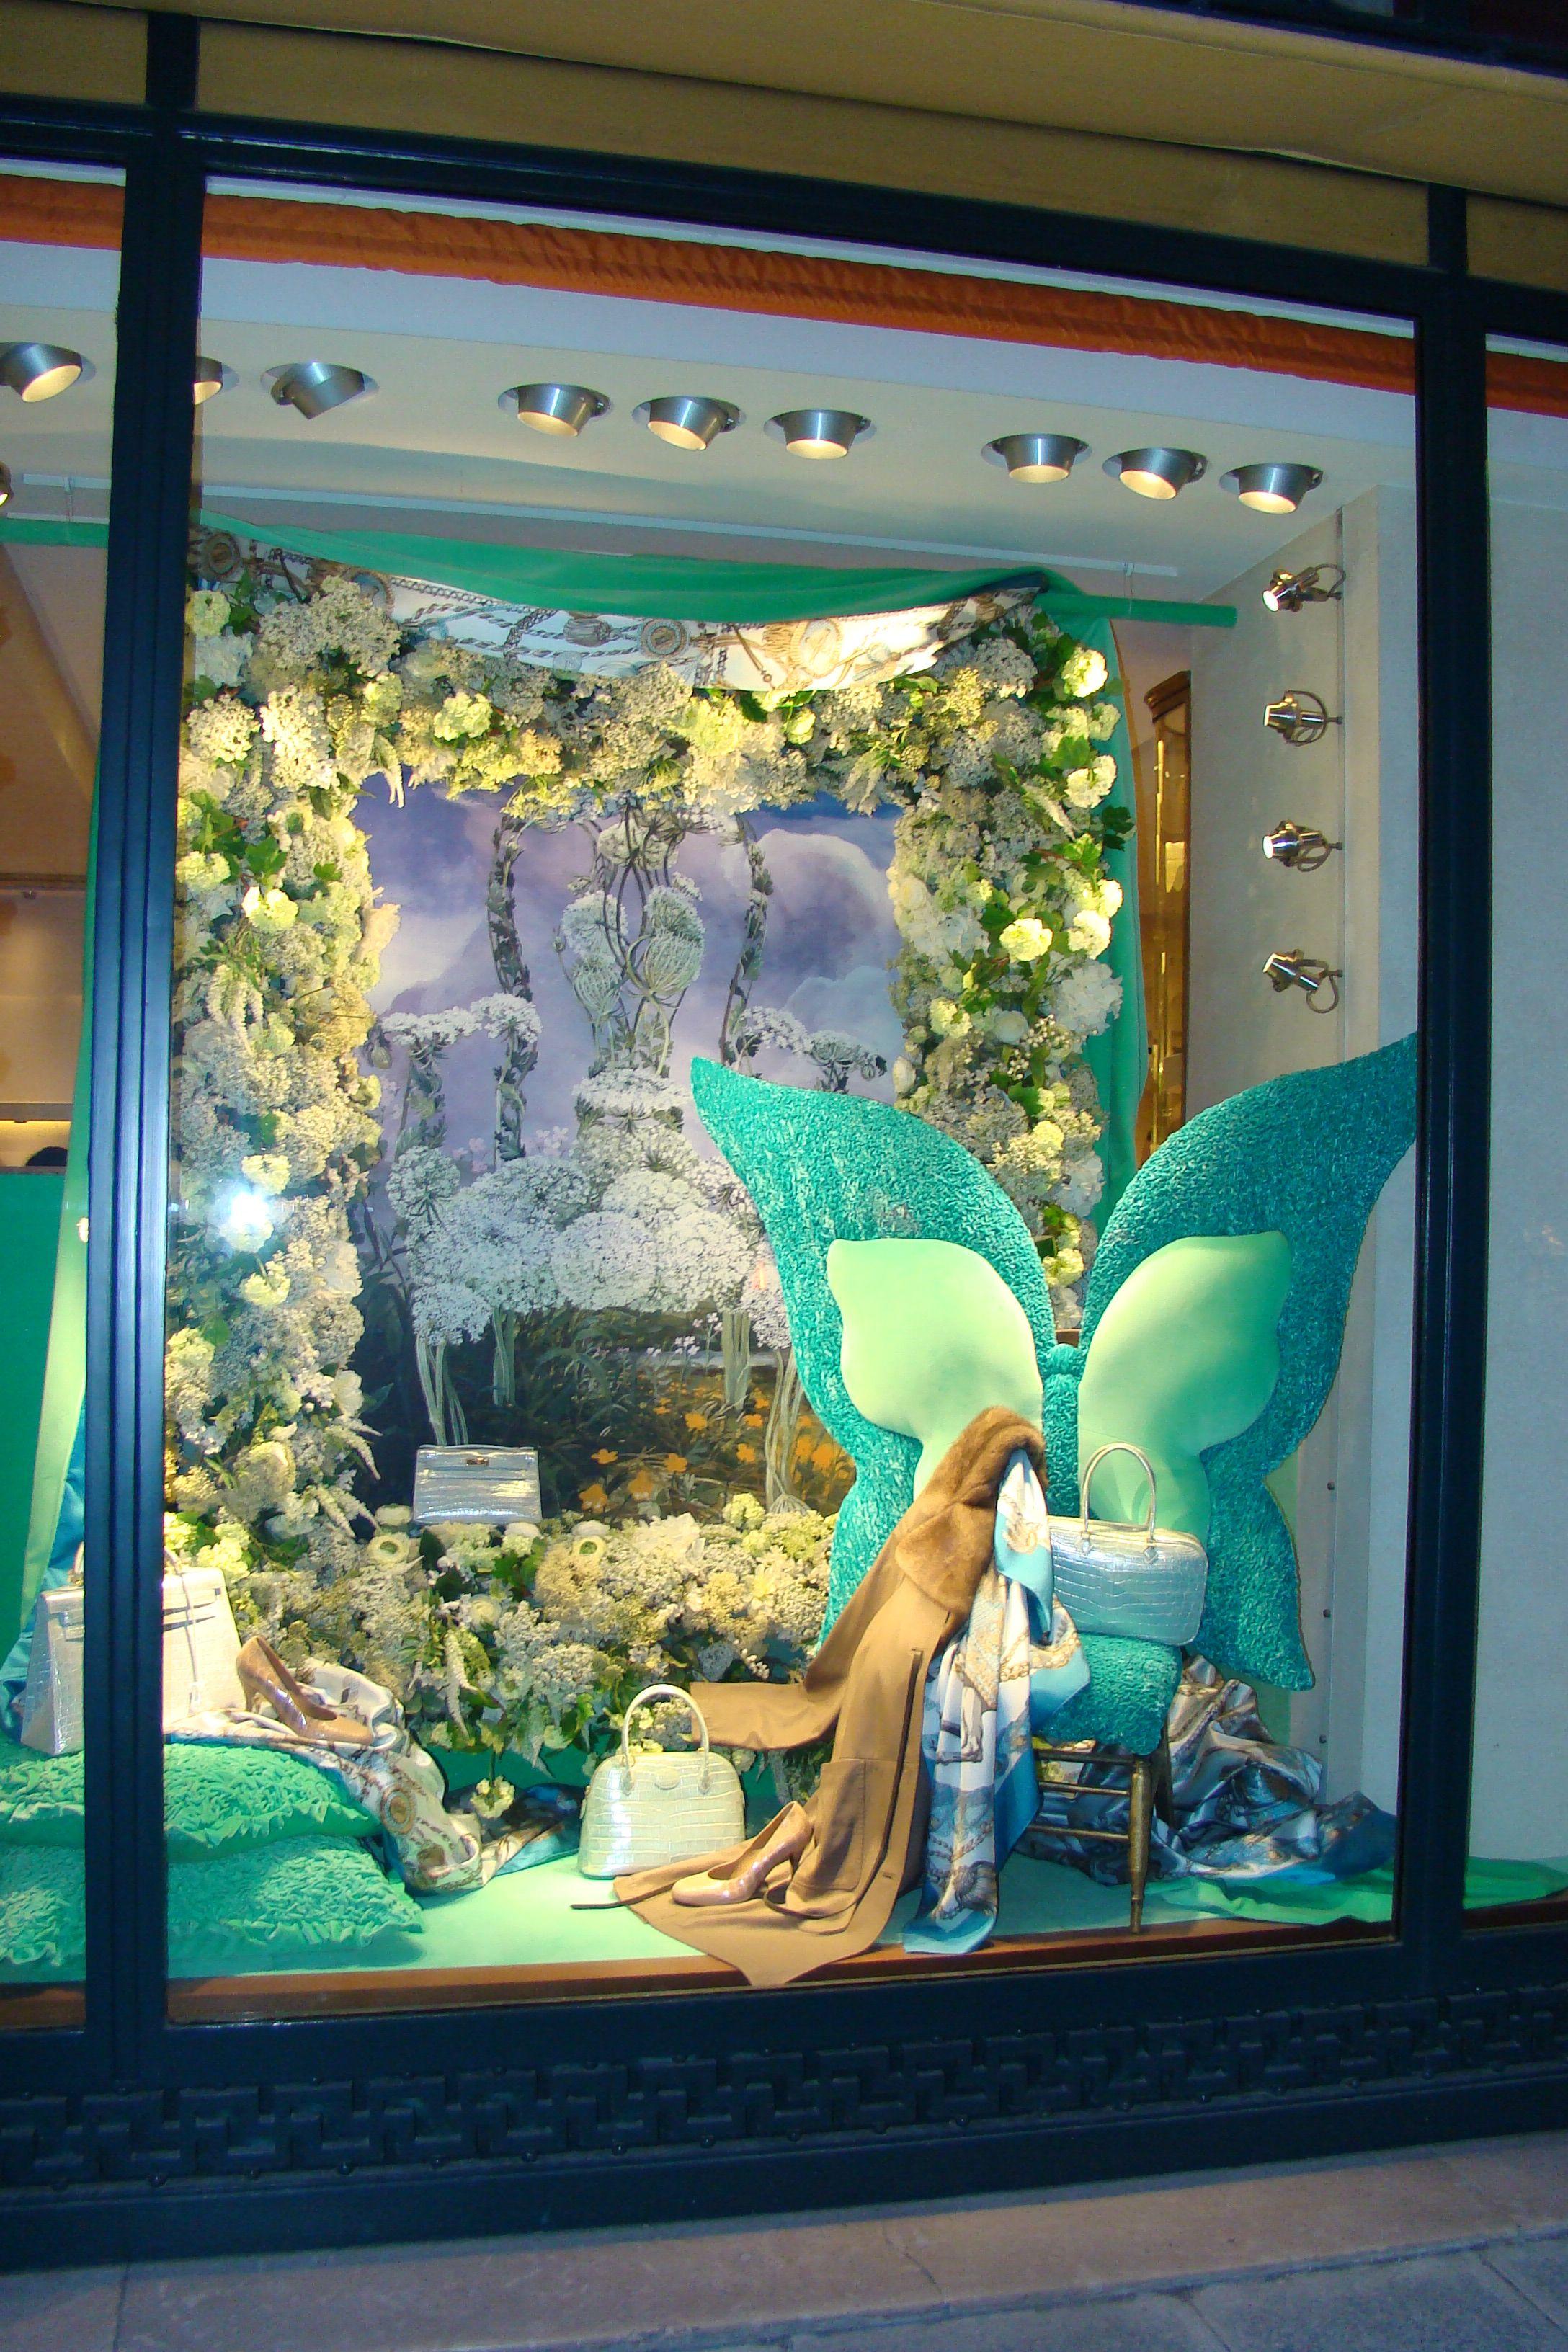 hermes spring fantasy window blues display in 2019